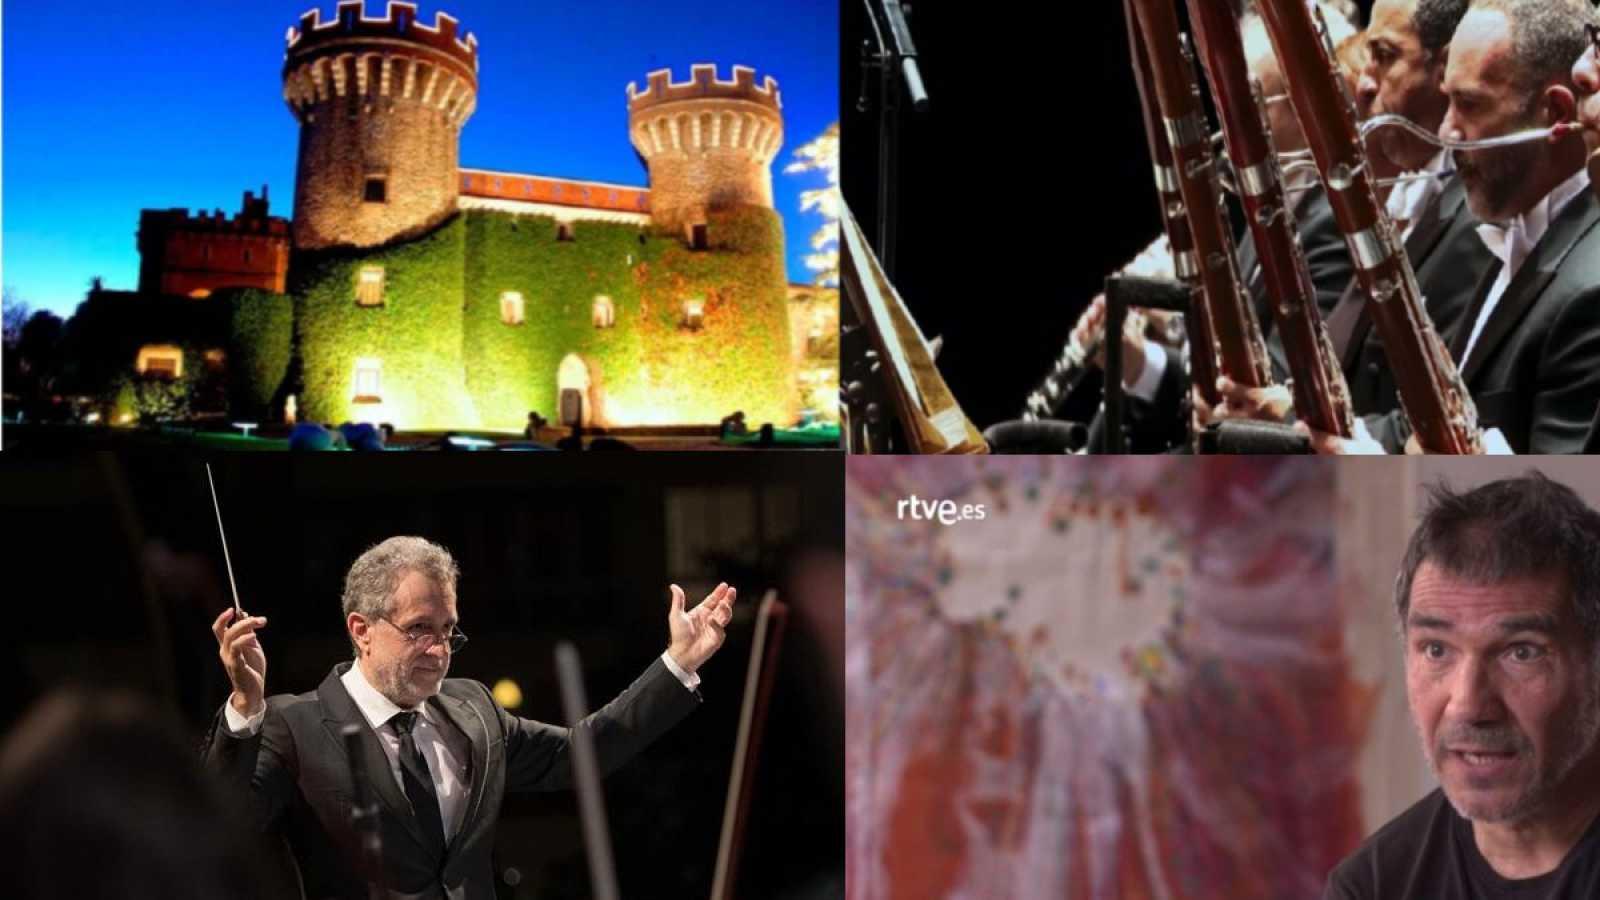 En directo en RTVE el espectáculo Santi Moix & Josep Pons y la Orquesta del Liceu, desde Peralada